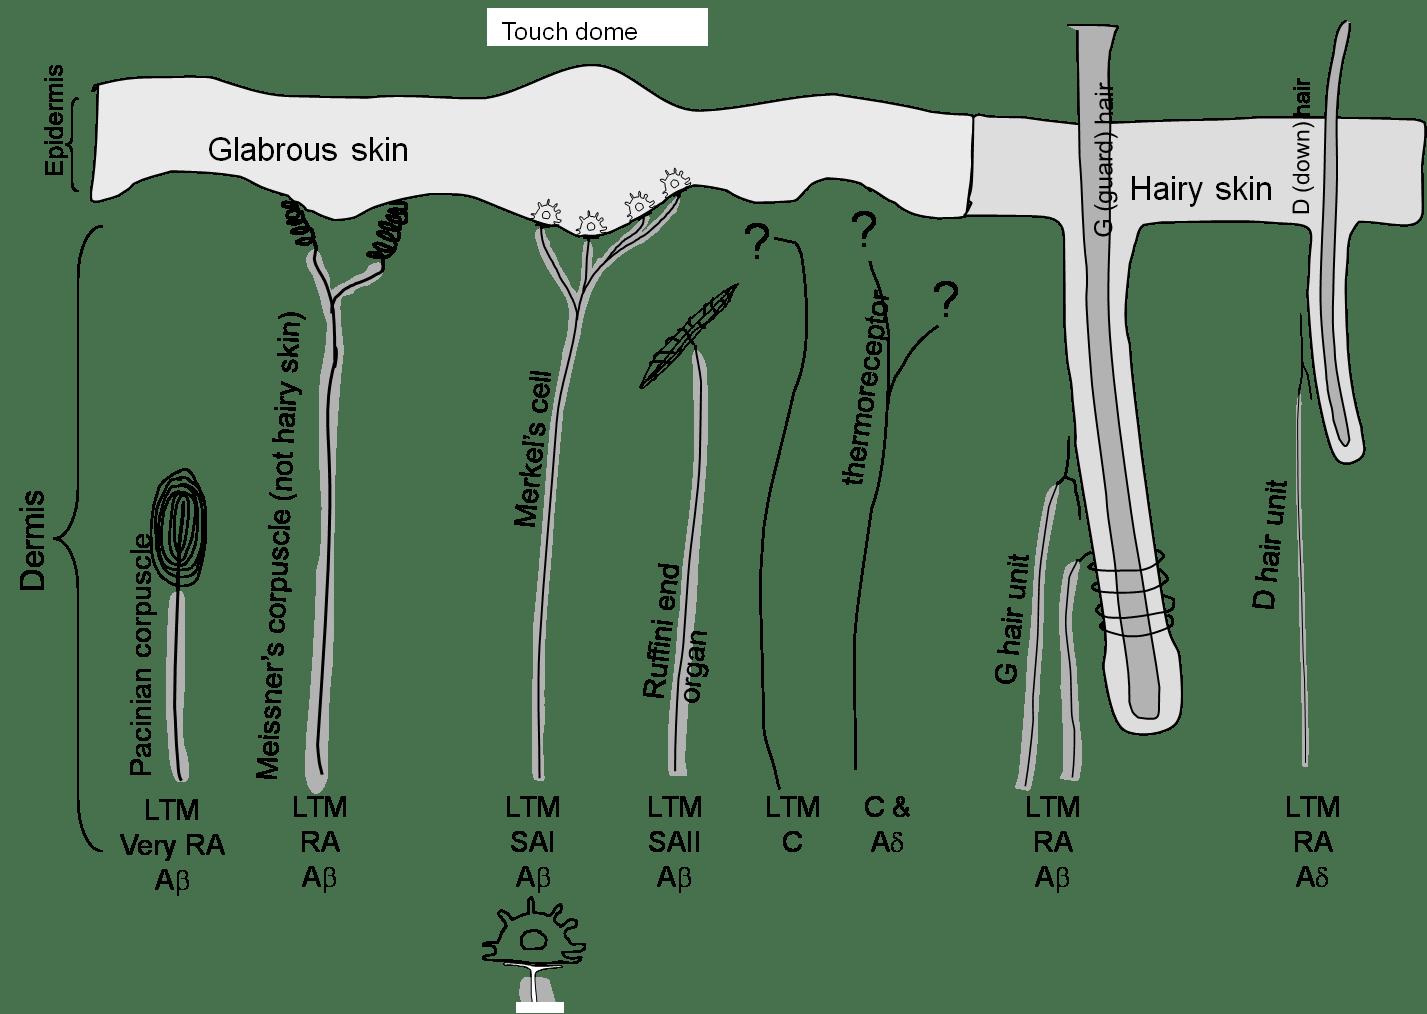 Fibre types